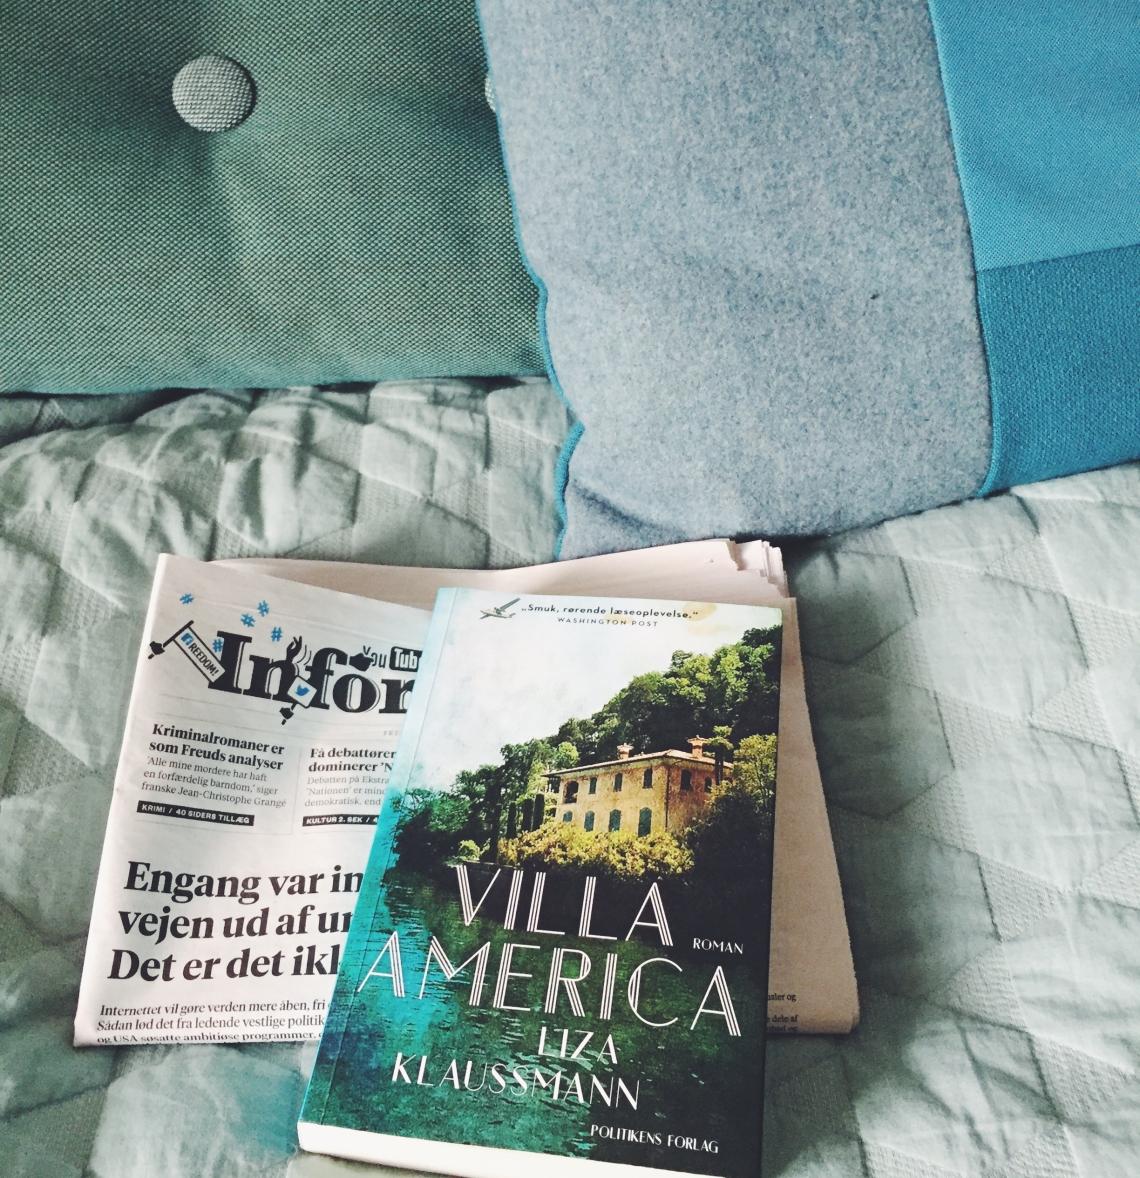 Et billede af bogen Villa America, der er skrevet af Liza Klausmann.